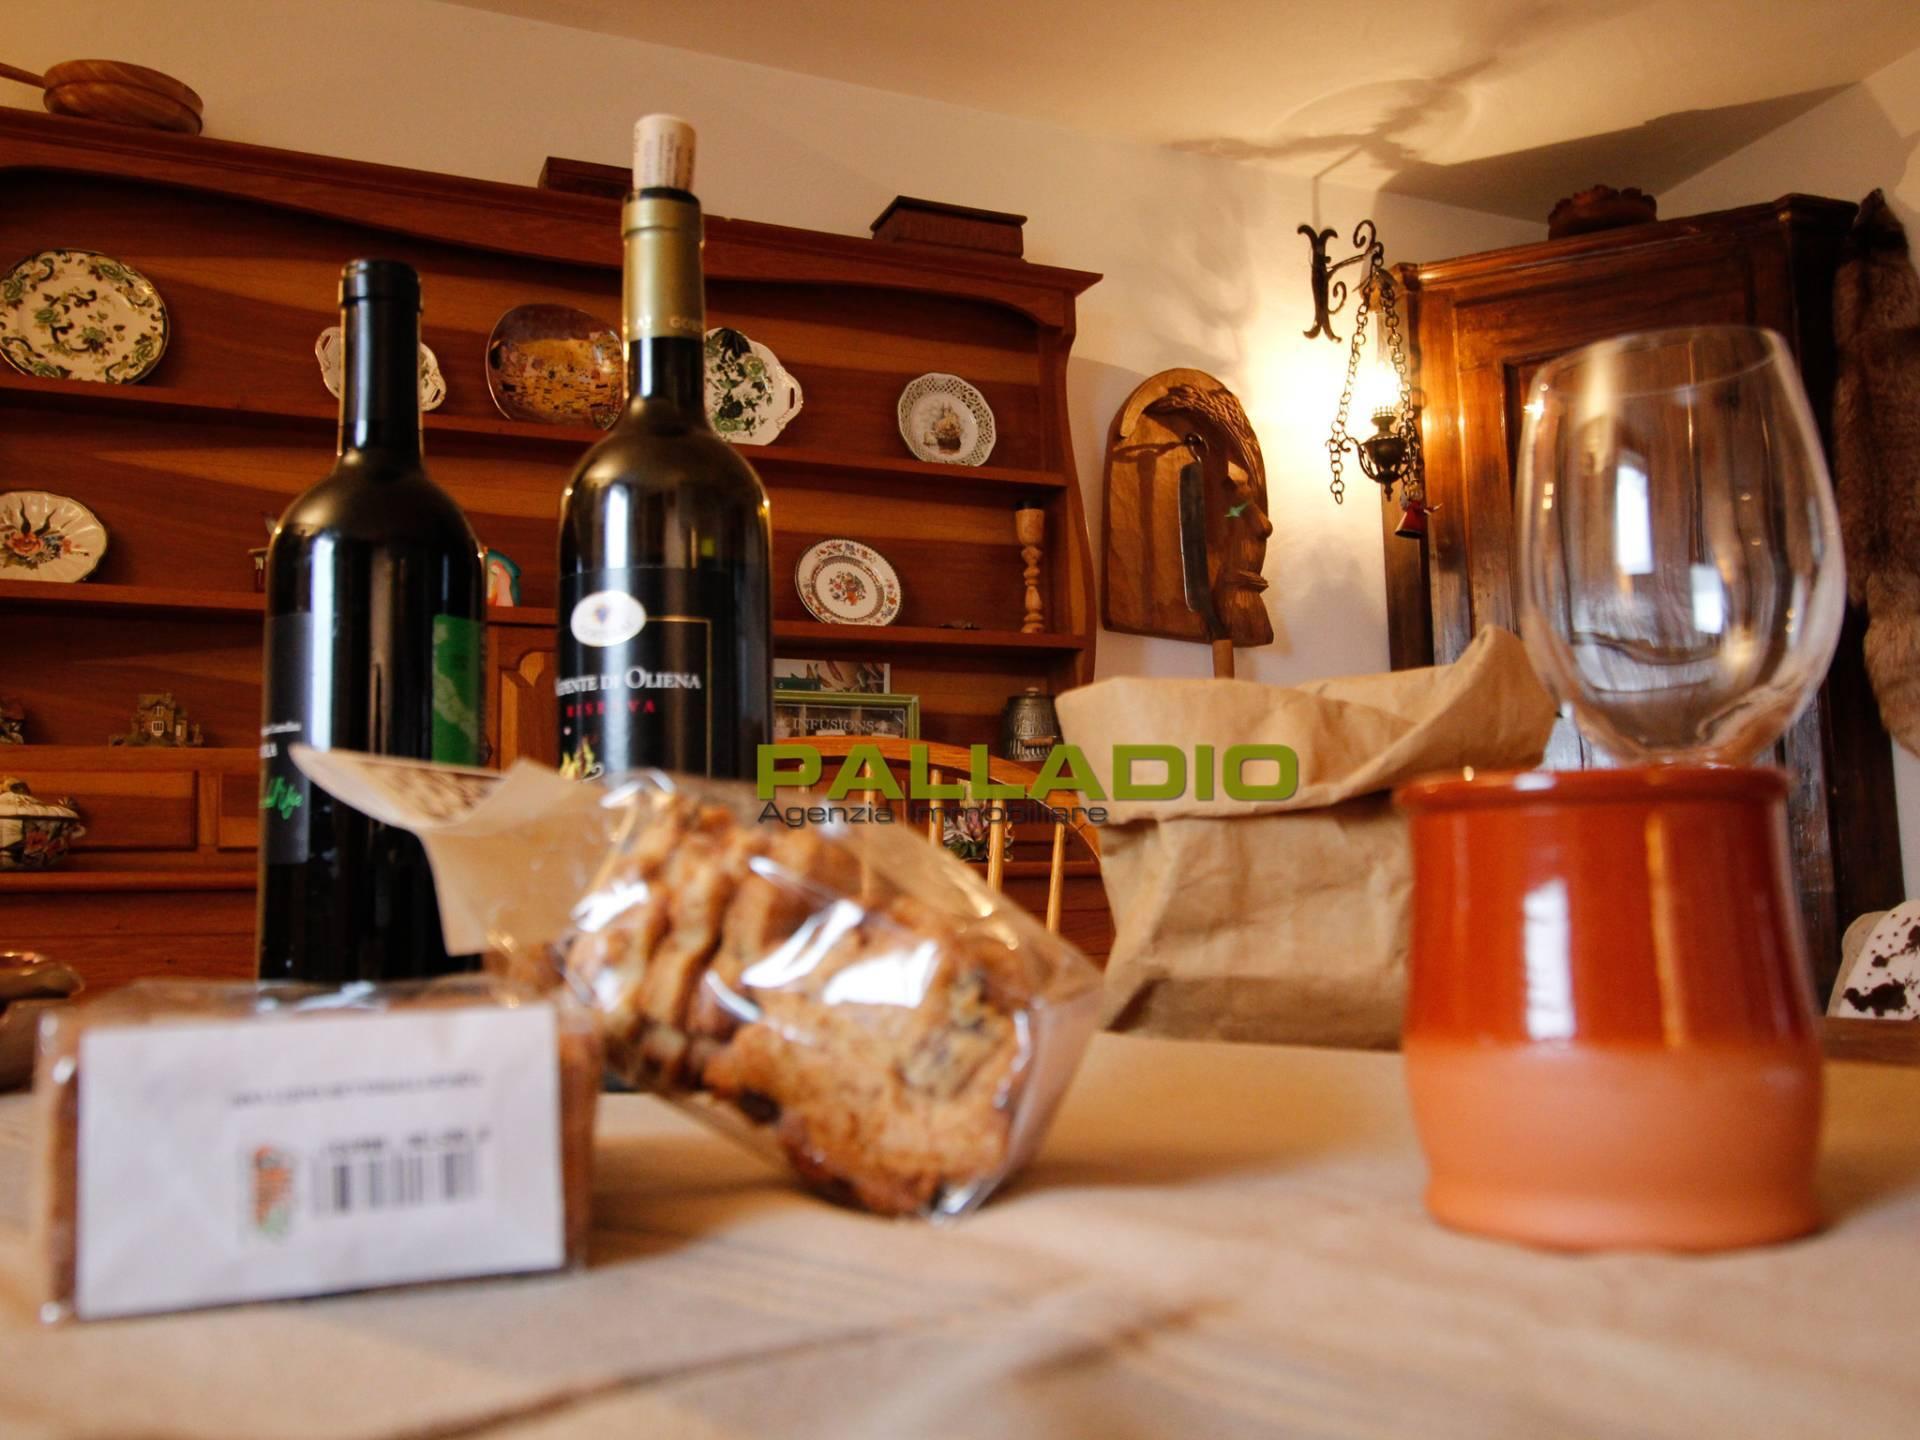 Appartamento in vendita a Saint-Nicolas, 3 locali, zona Località: LaCure, prezzo € 130.000 | CambioCasa.it